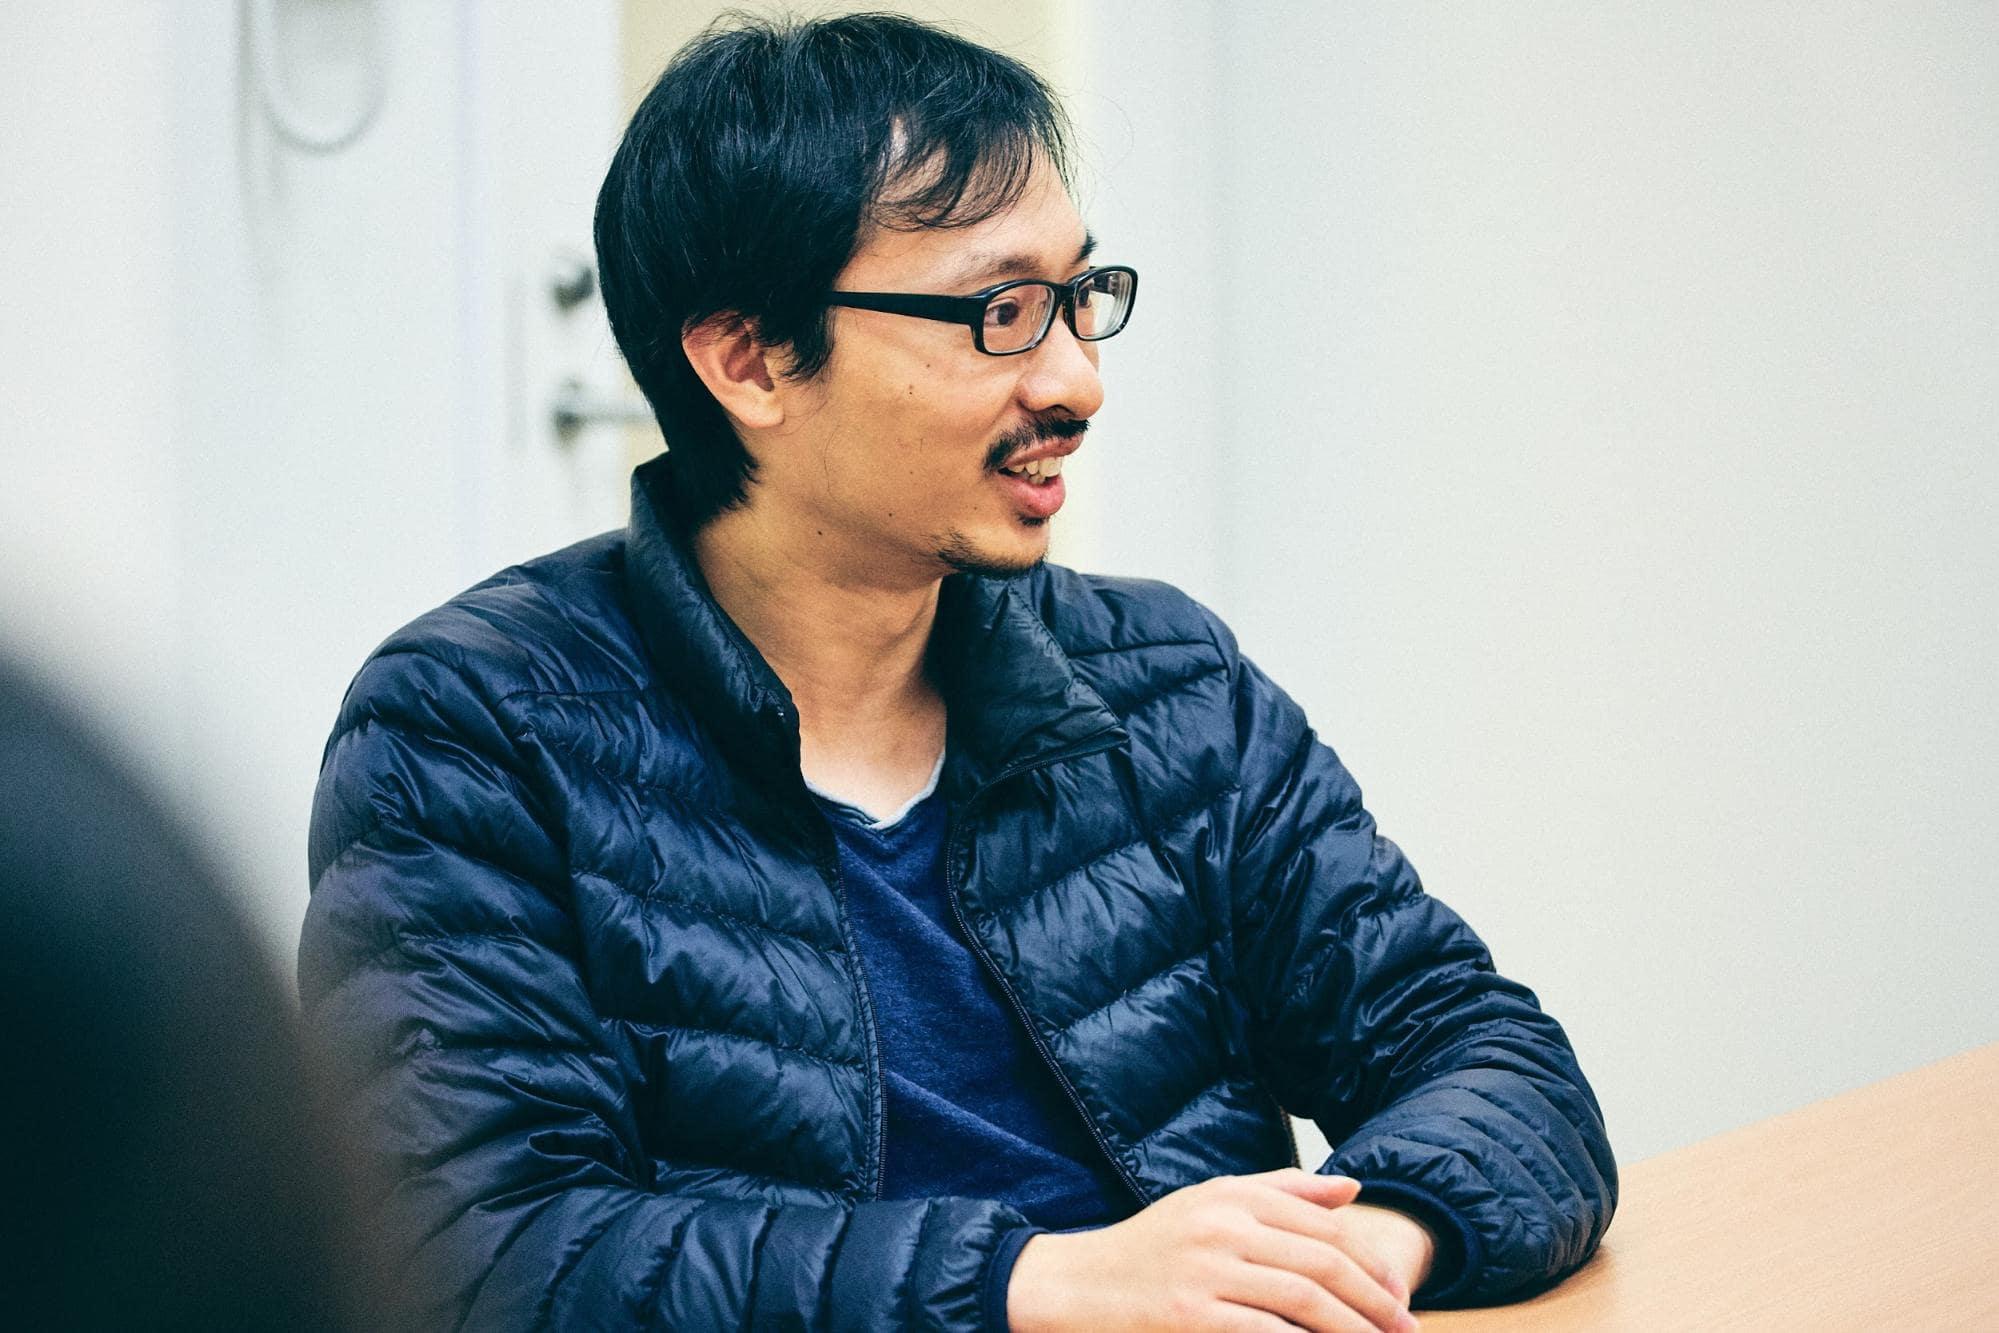 ダイバーシティーでスピードを犠牲にするより、日本人起業家は日本を最初にやるのが良い